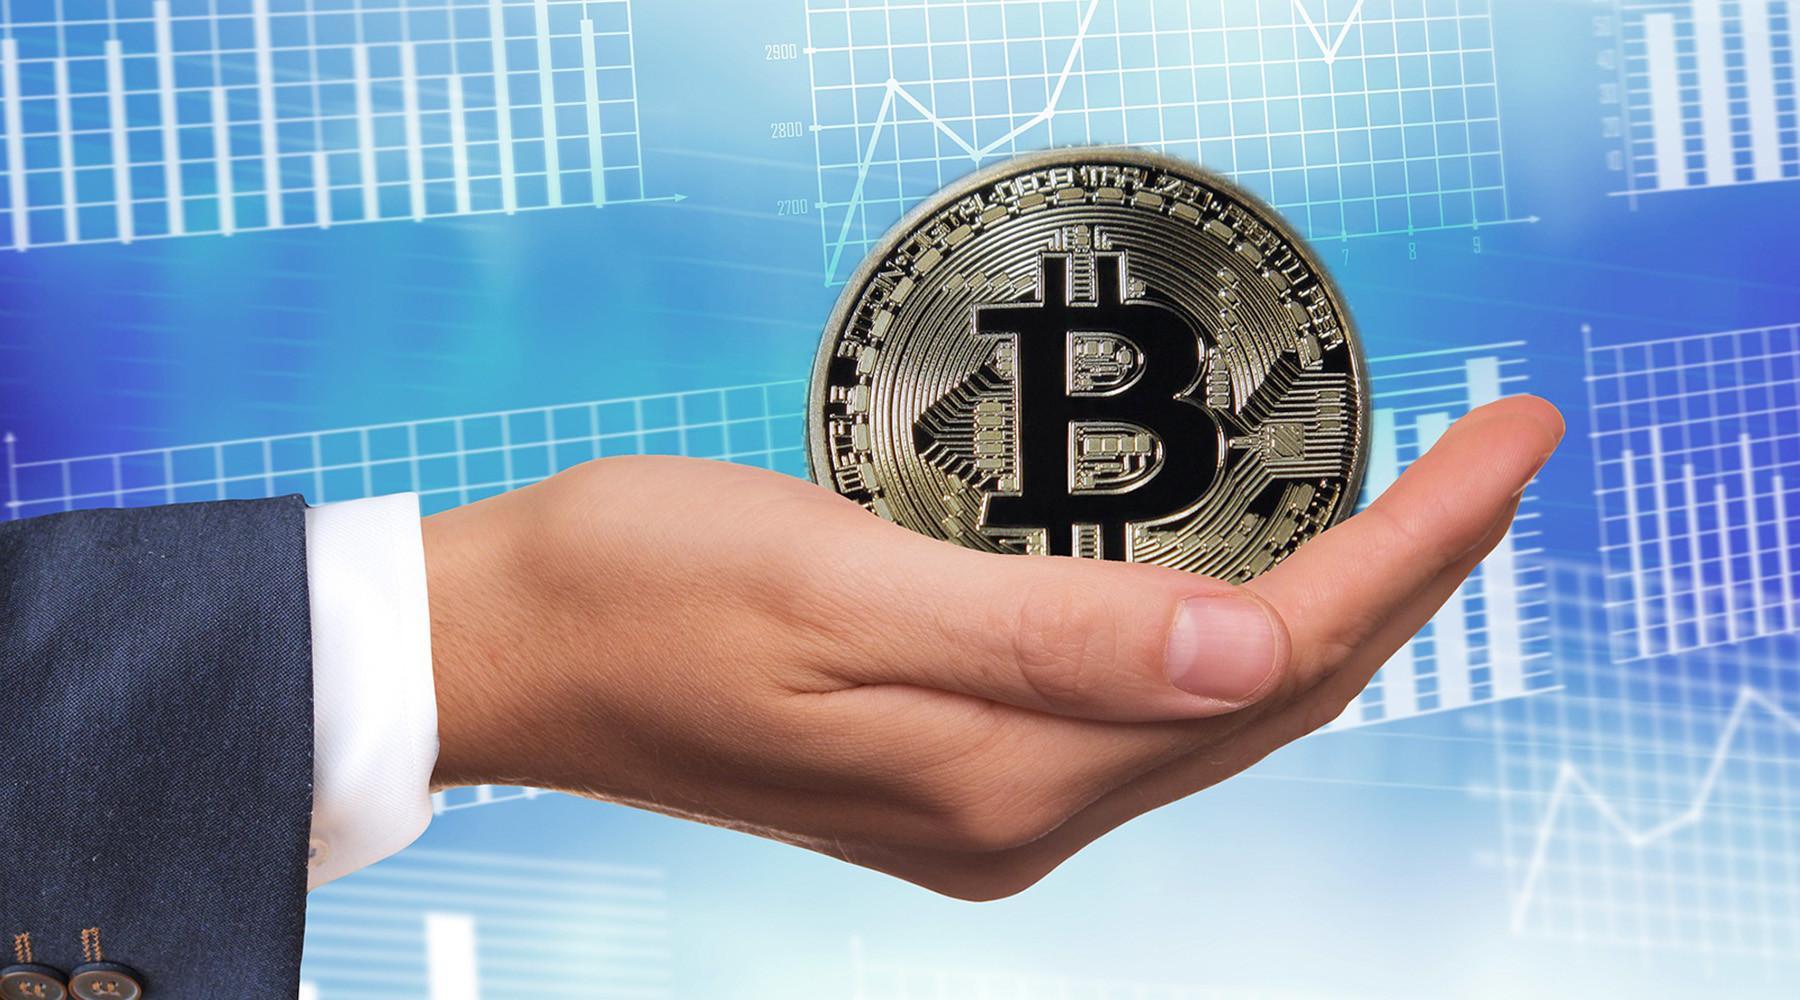 Биткоин подорожал до $16 тыс. и вошёл в пятёрку крупнейших мировых валют